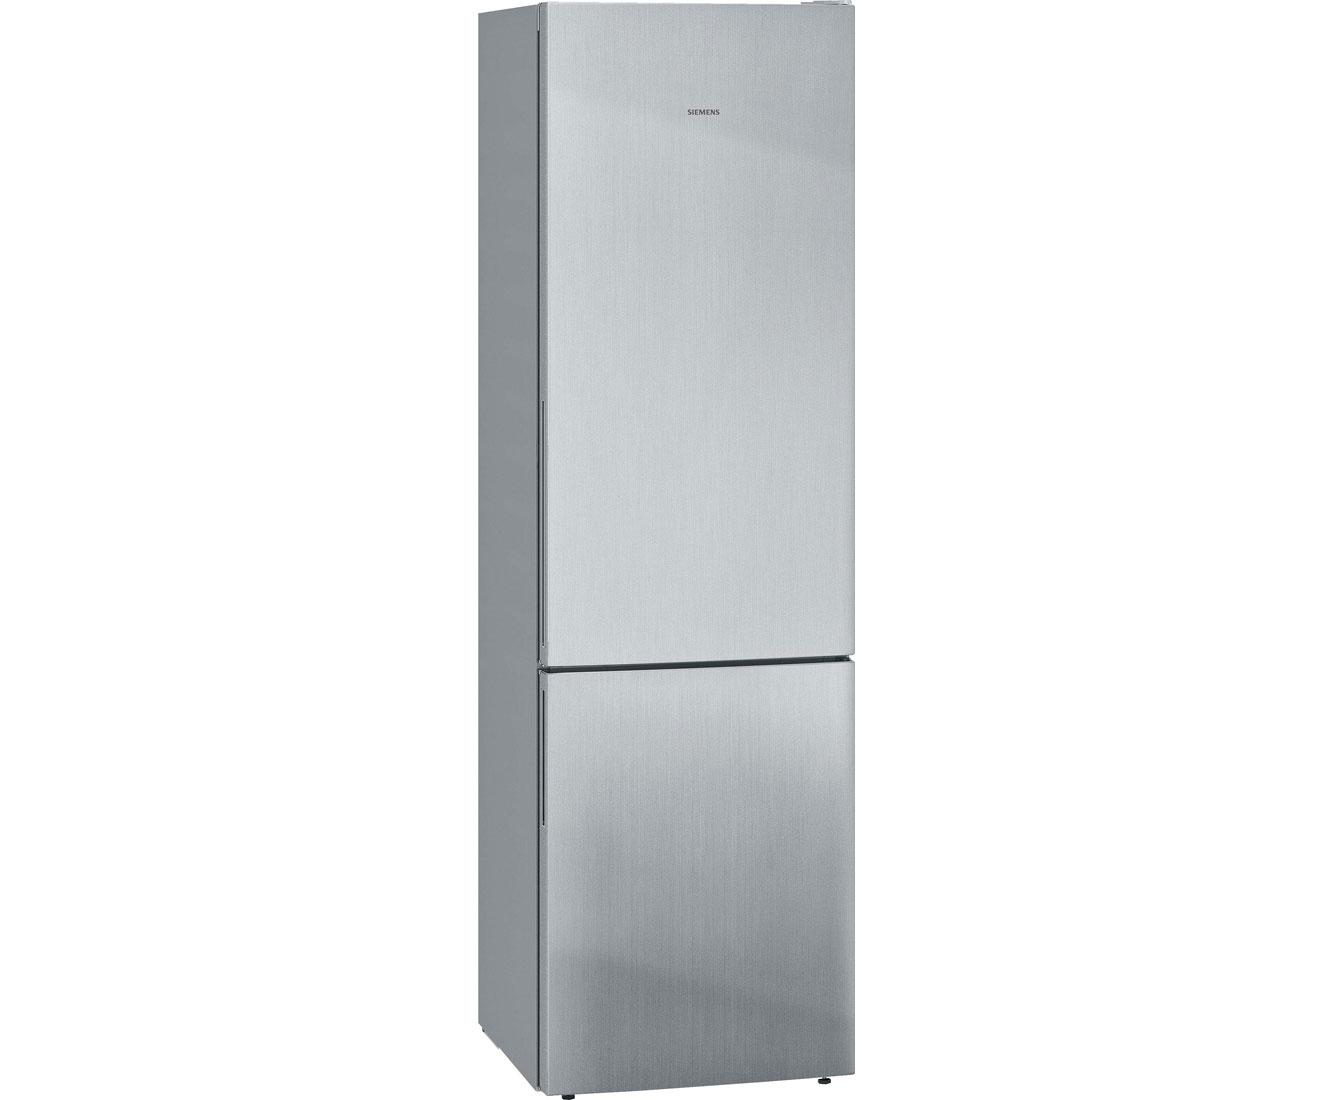 Siemens iQ300 KG39E2L4A Kühl-Gefrierkombinationen - Edelstahl-Optik | Küche und Esszimmer > Küchenelektrogeräte > Kühl-Gefrierkombis | Edelstahl | Siemens